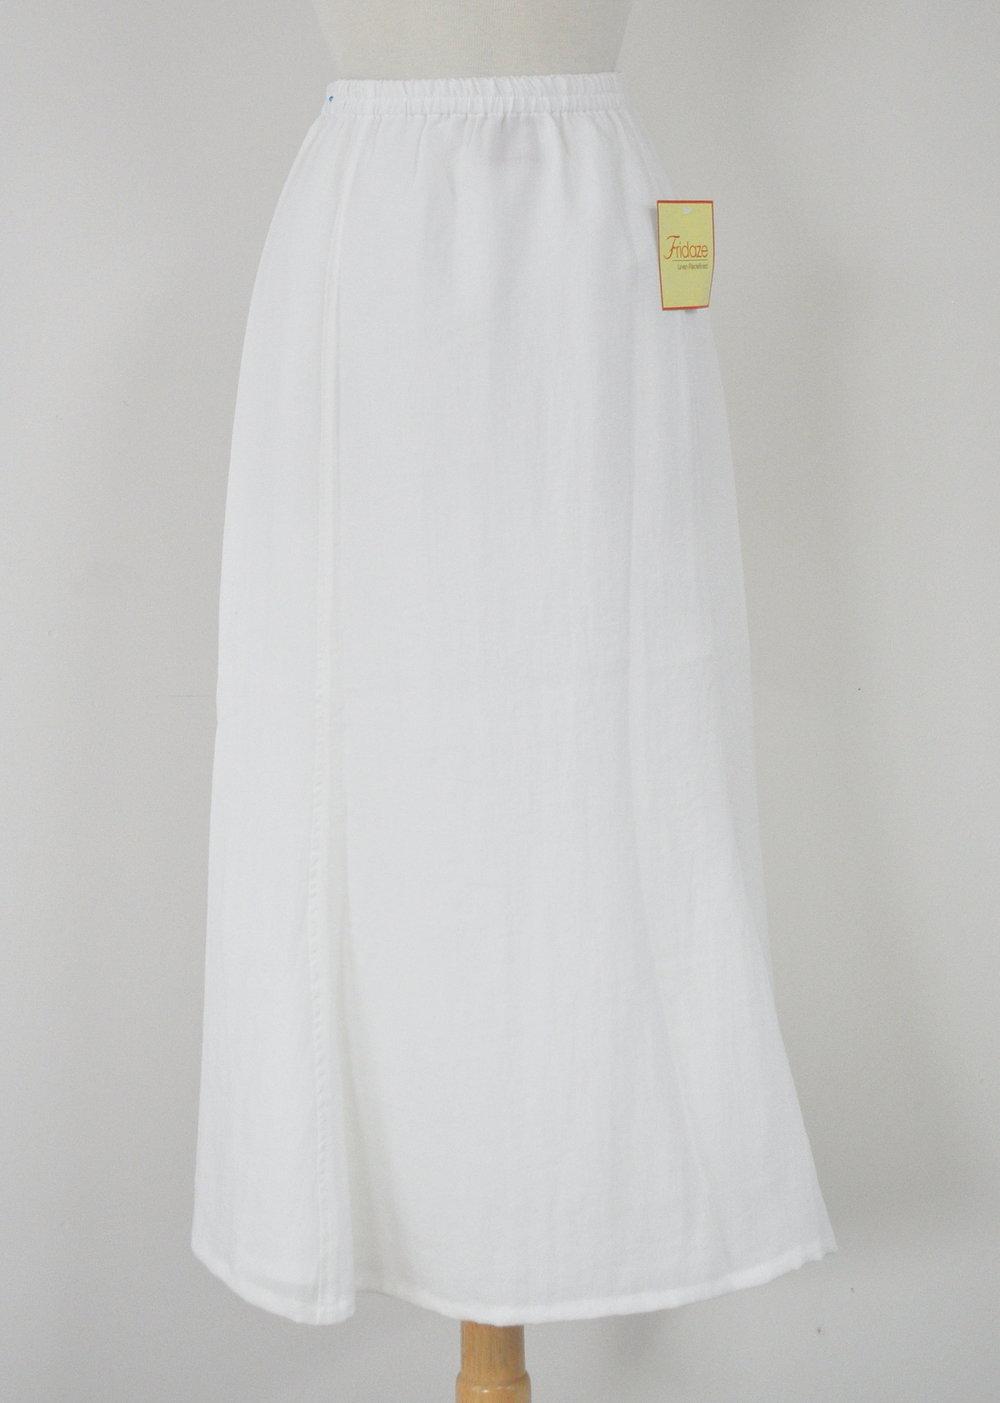 AASK06-White.JPG